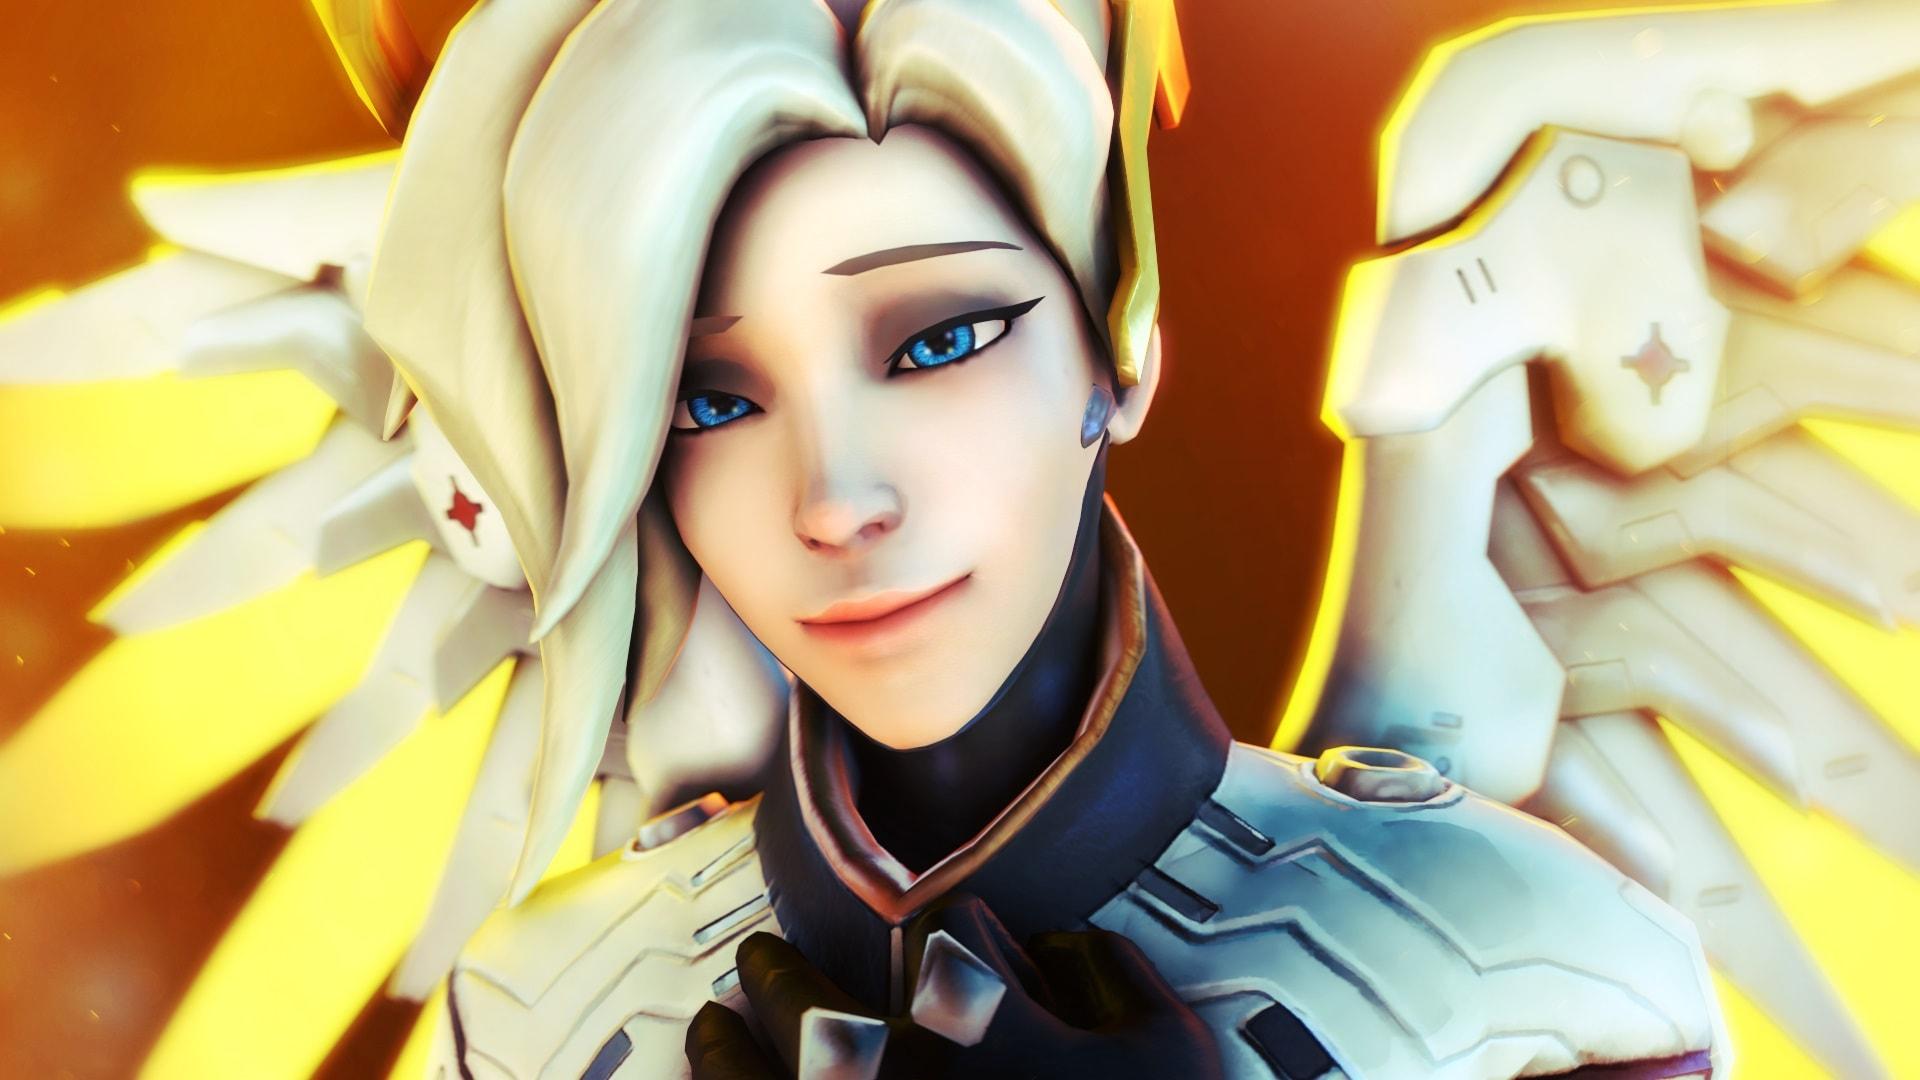 Overwatch : Mercy Background